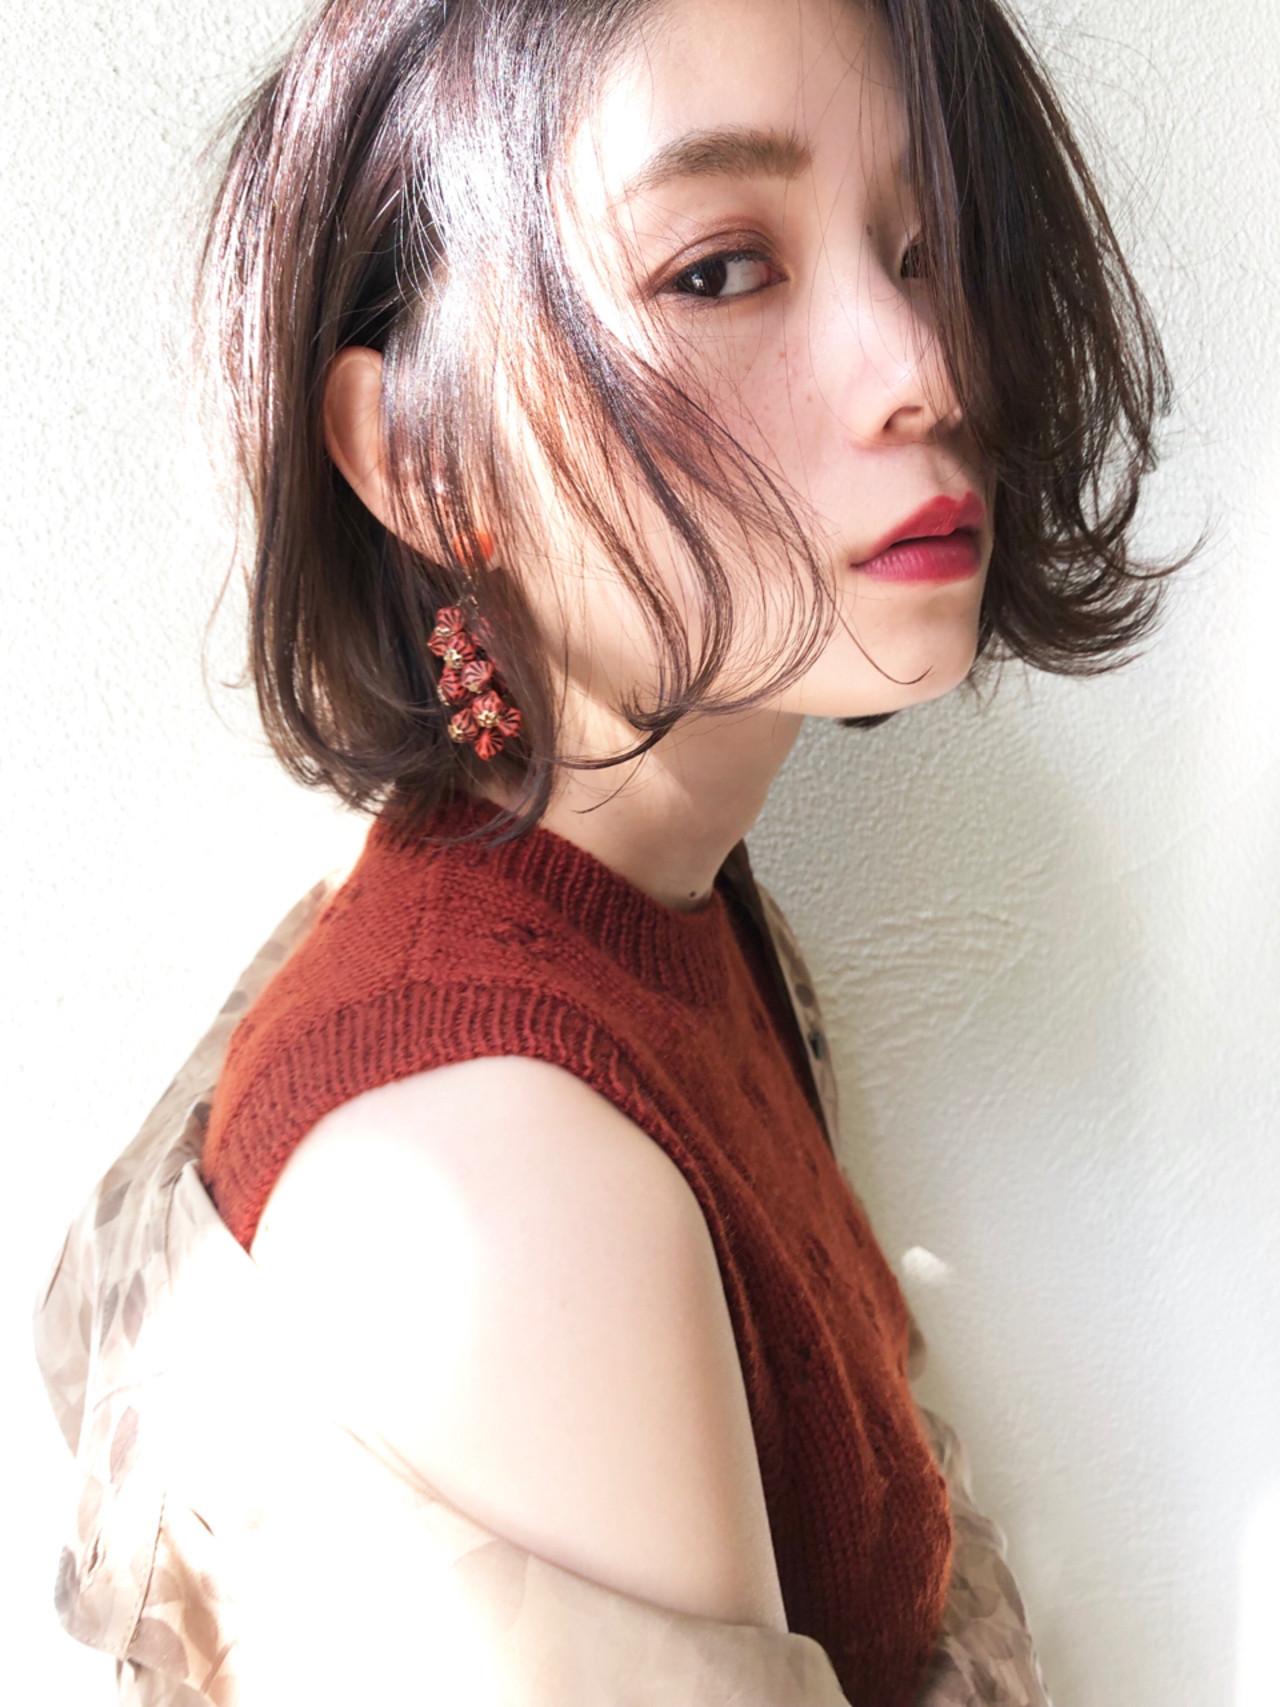 女子力 ゆるふわ ウェーブ ナチュラル ヘアスタイルや髪型の写真・画像